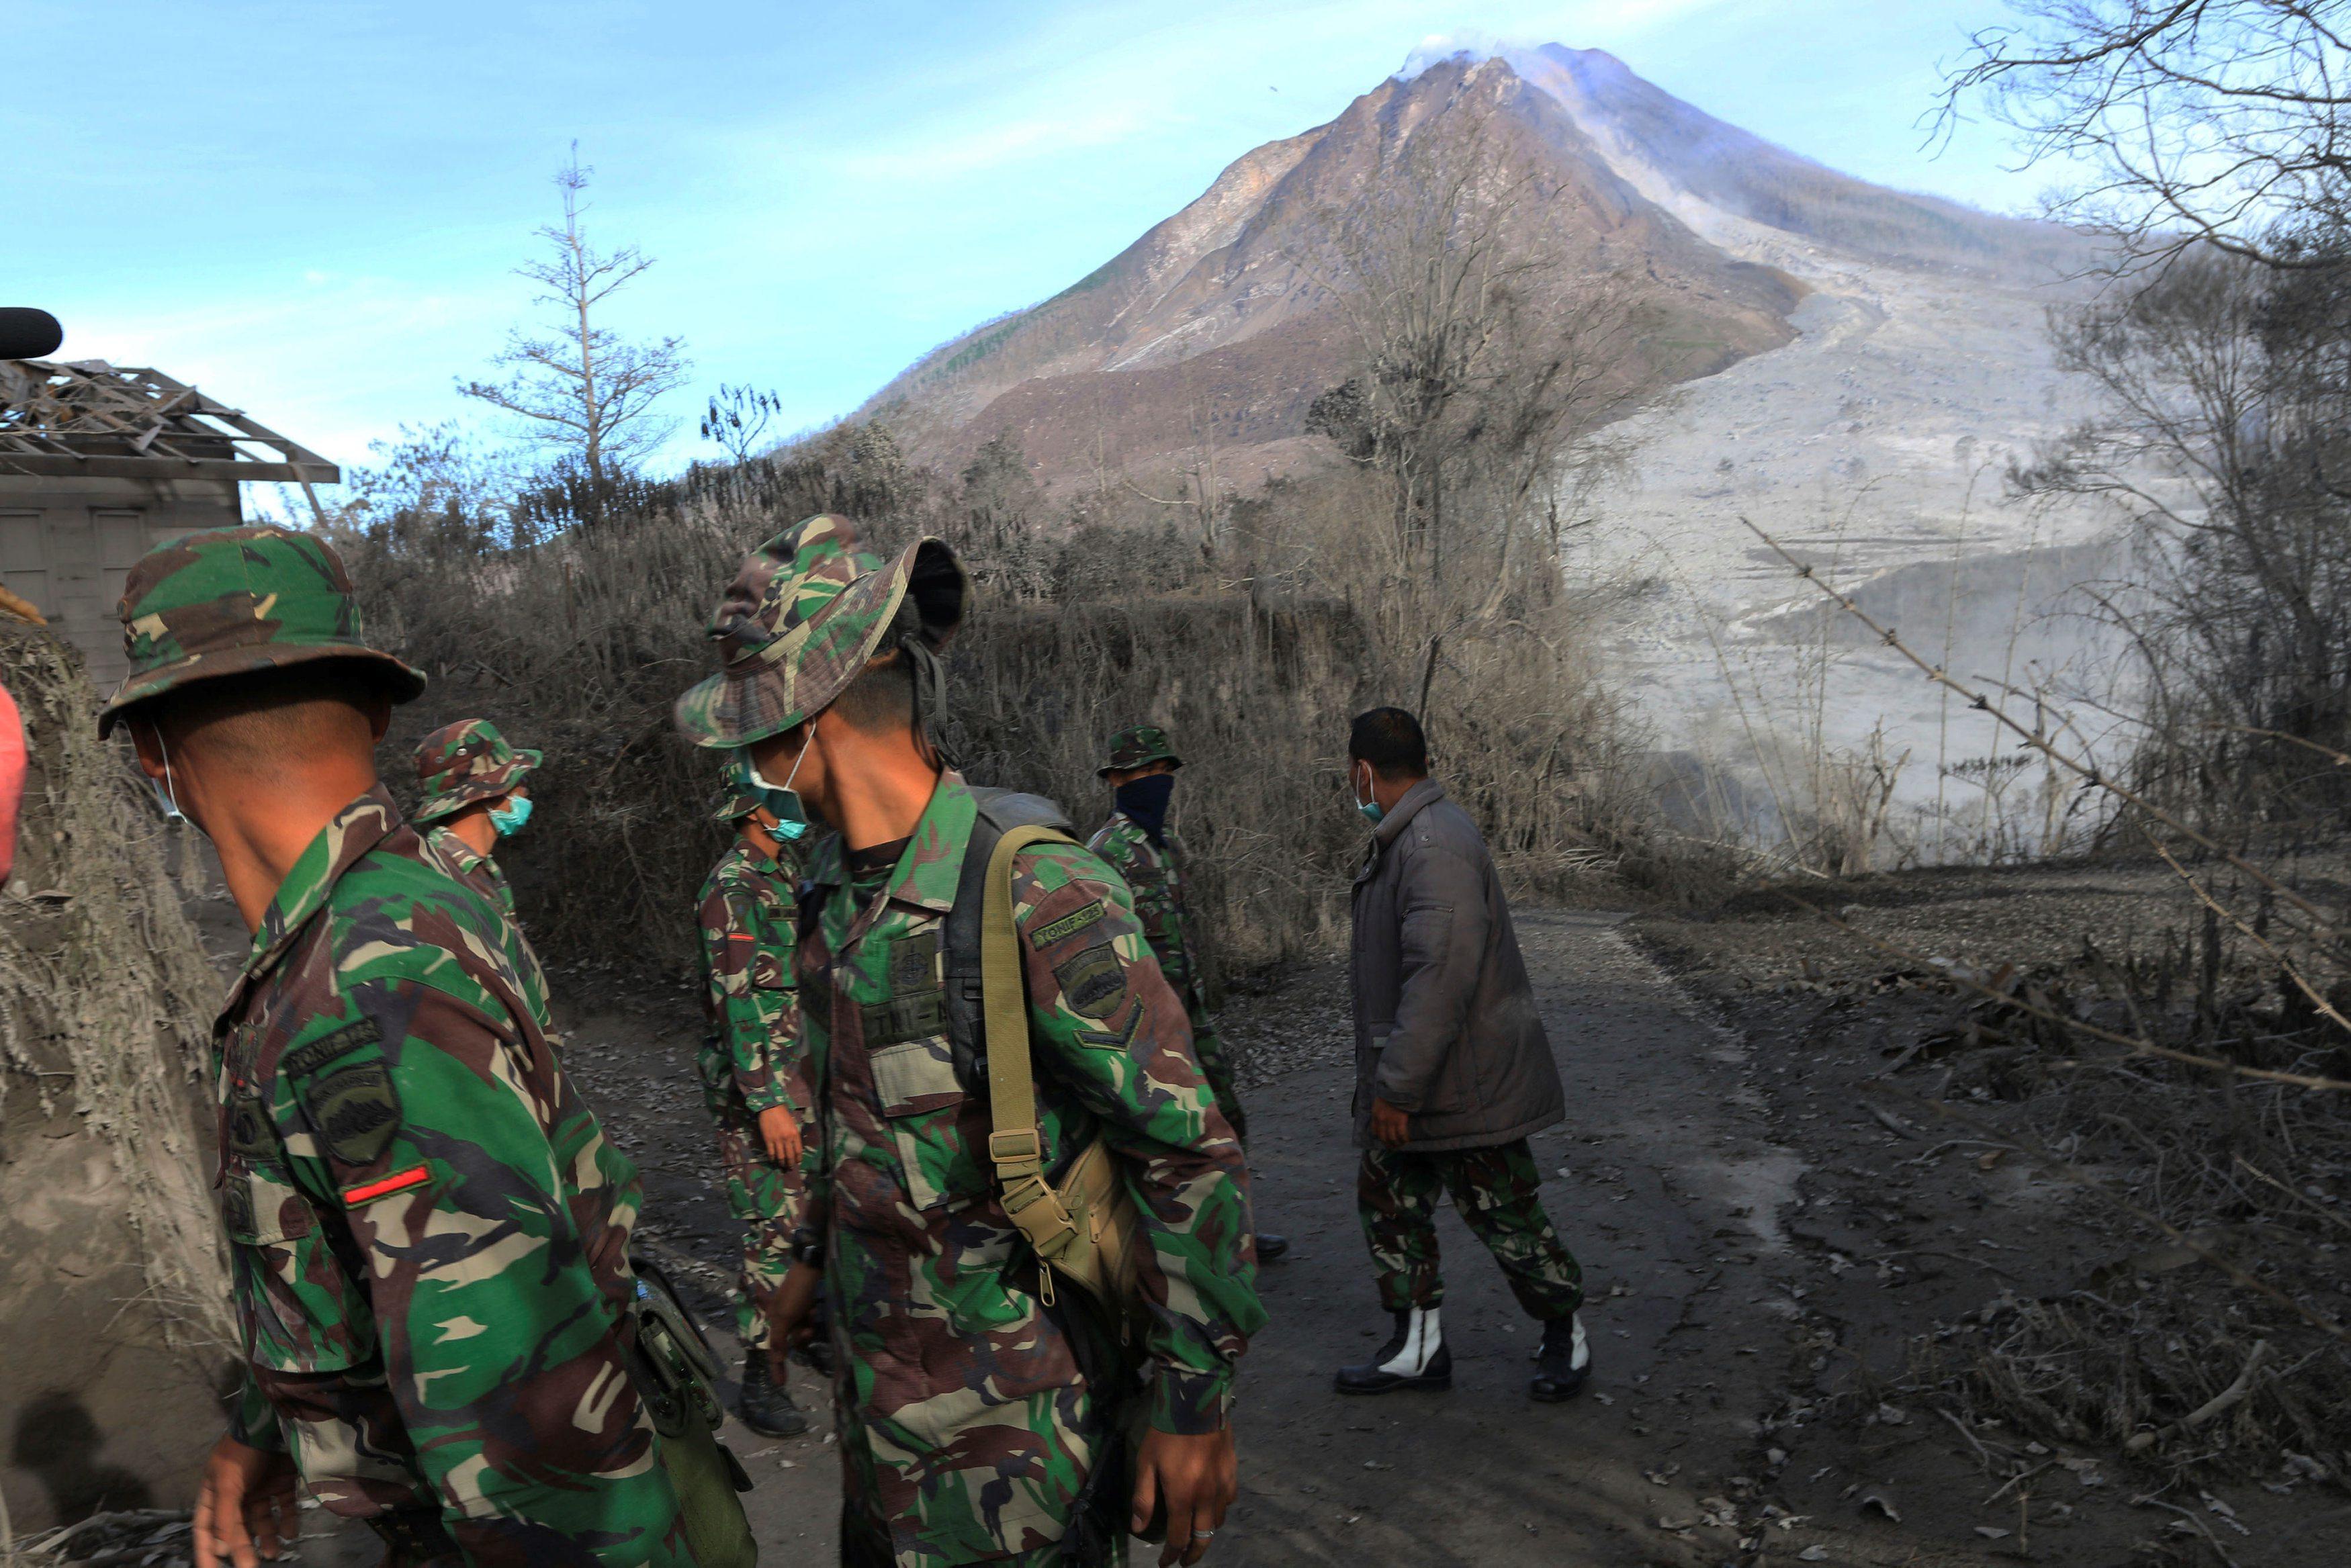 Indonezijski vojnici pretražuju područje ispod Mount Sinabung vulkana